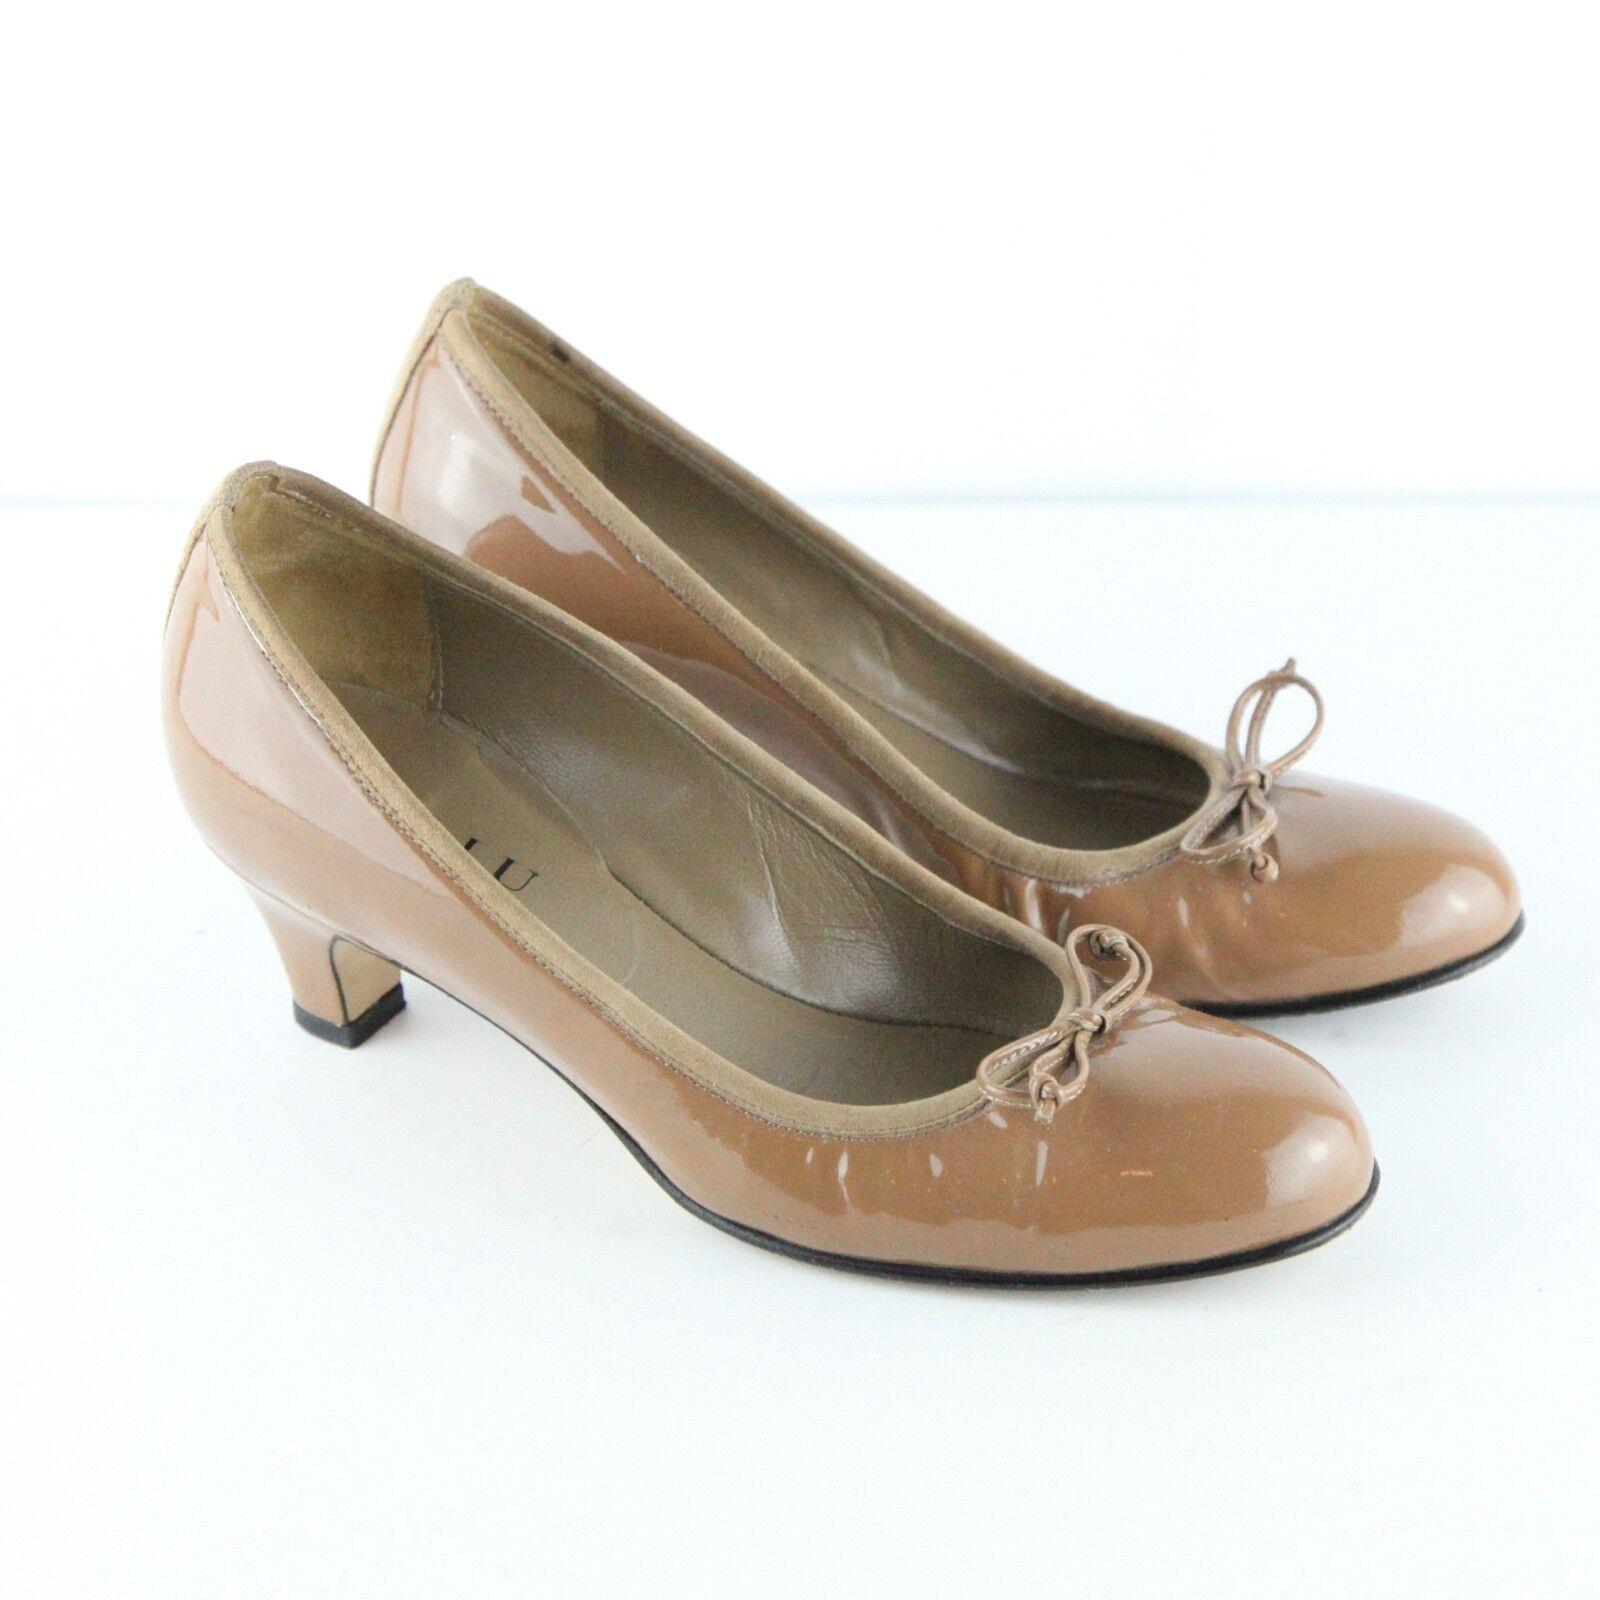 Anyi Lu Barbara Brown Patent Pelle Kitten Heel Pump Bow Round Toe 35 5